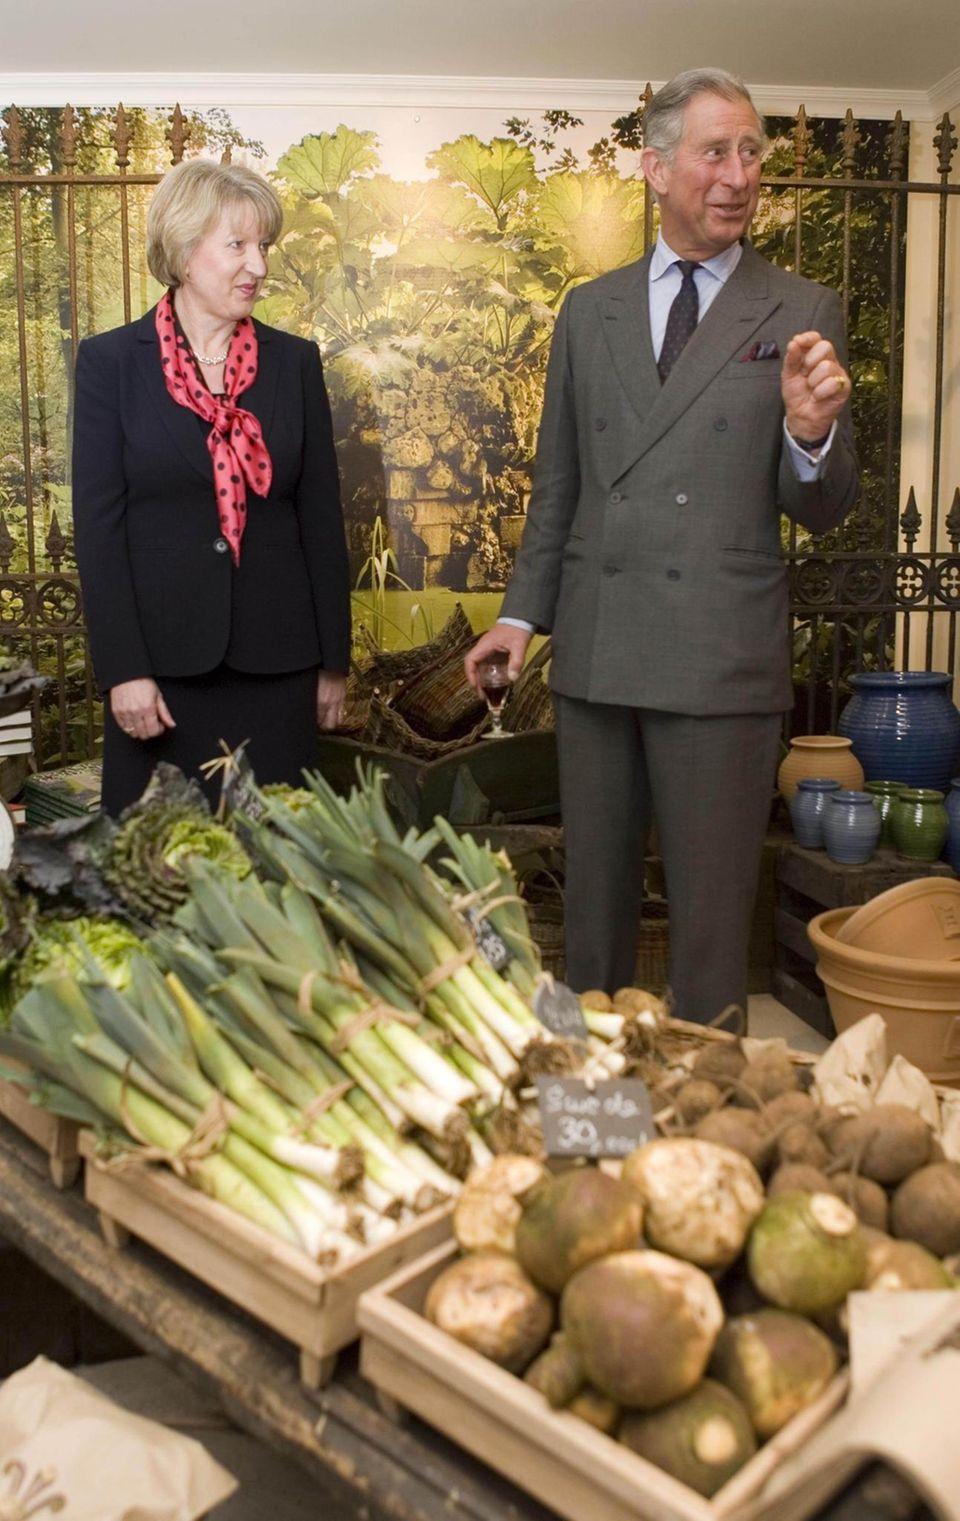 """Der """"Veg Shed""""-Laden musste schließen, aber Prinz Charles und seine Firma haben noch andere, gut gehende Läden. Hier eröffnet der Prinz 2008 einen der """"Highgrove""""-Shops und wirft ein Blick auf das Angebot."""